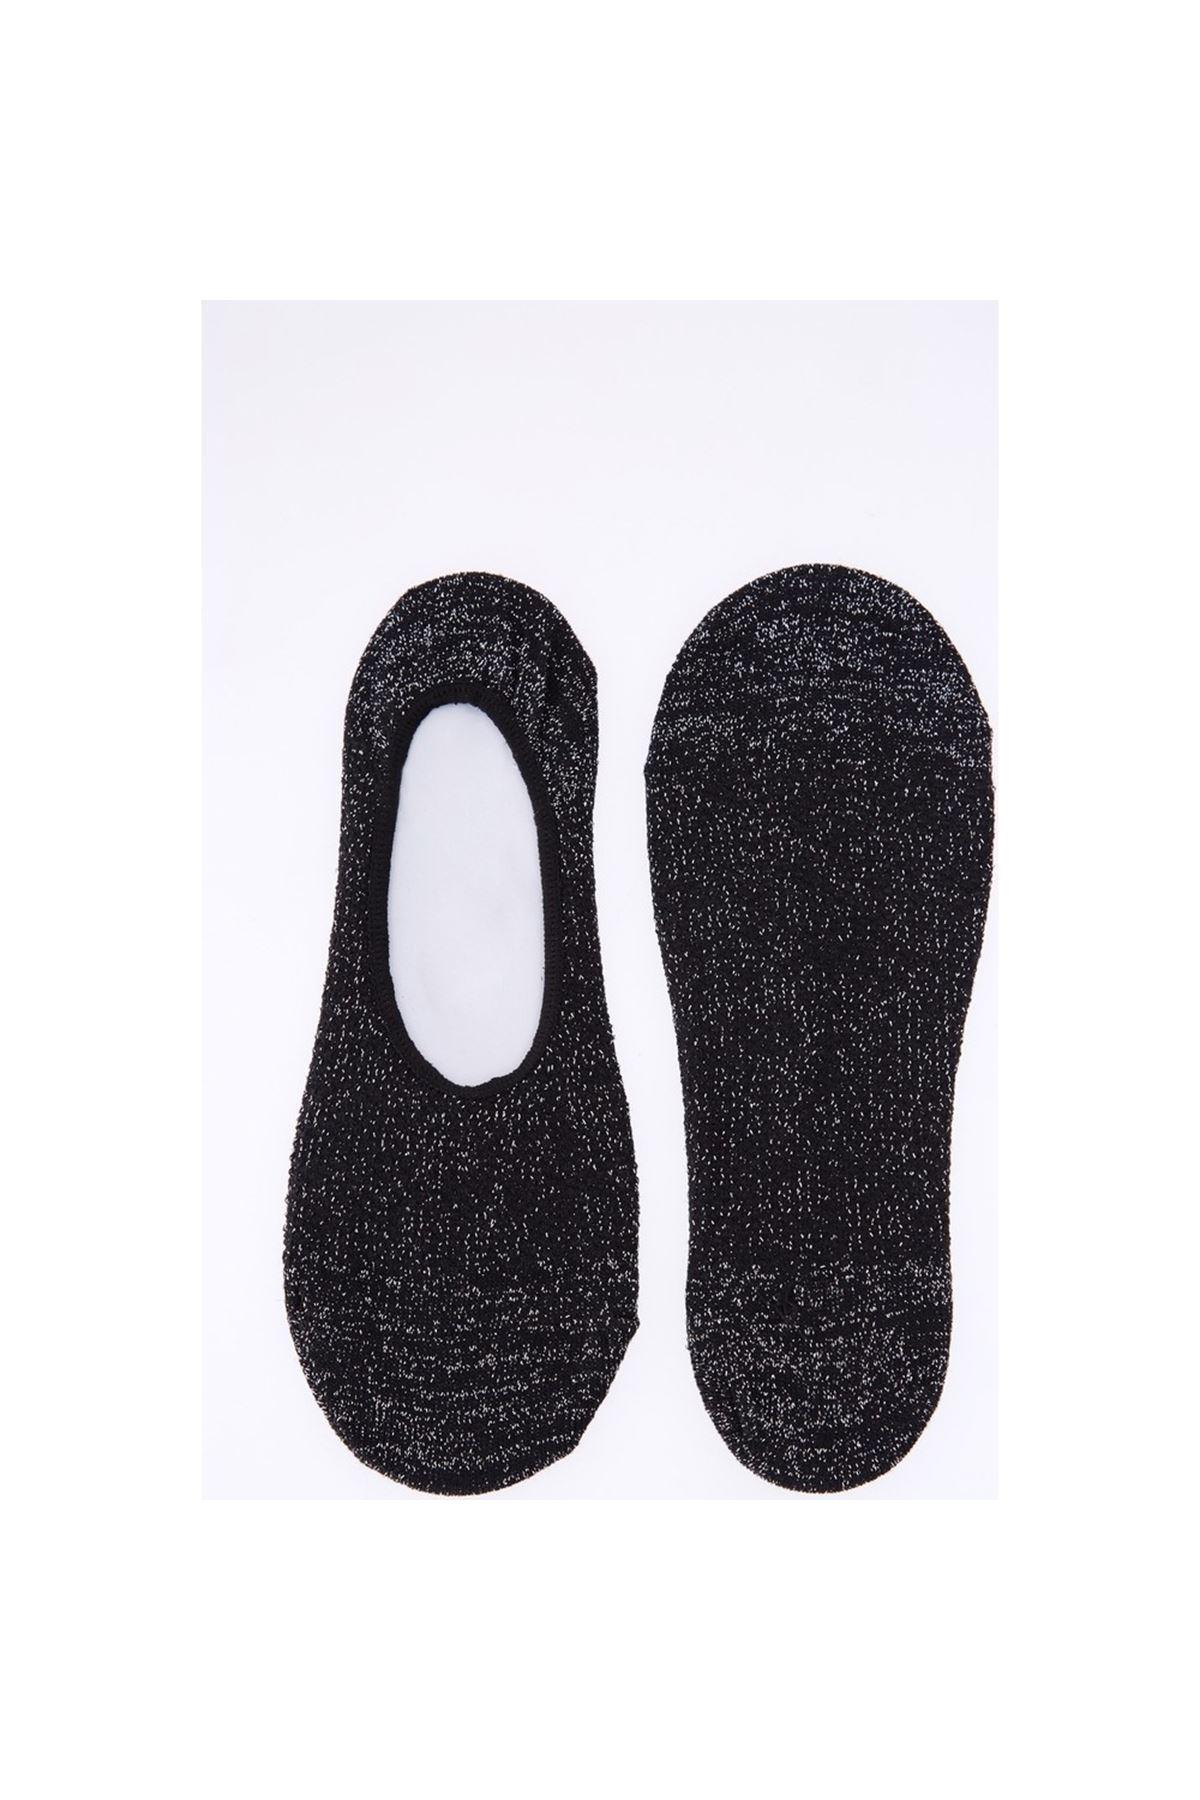 Kadın Simli Babet Çorap